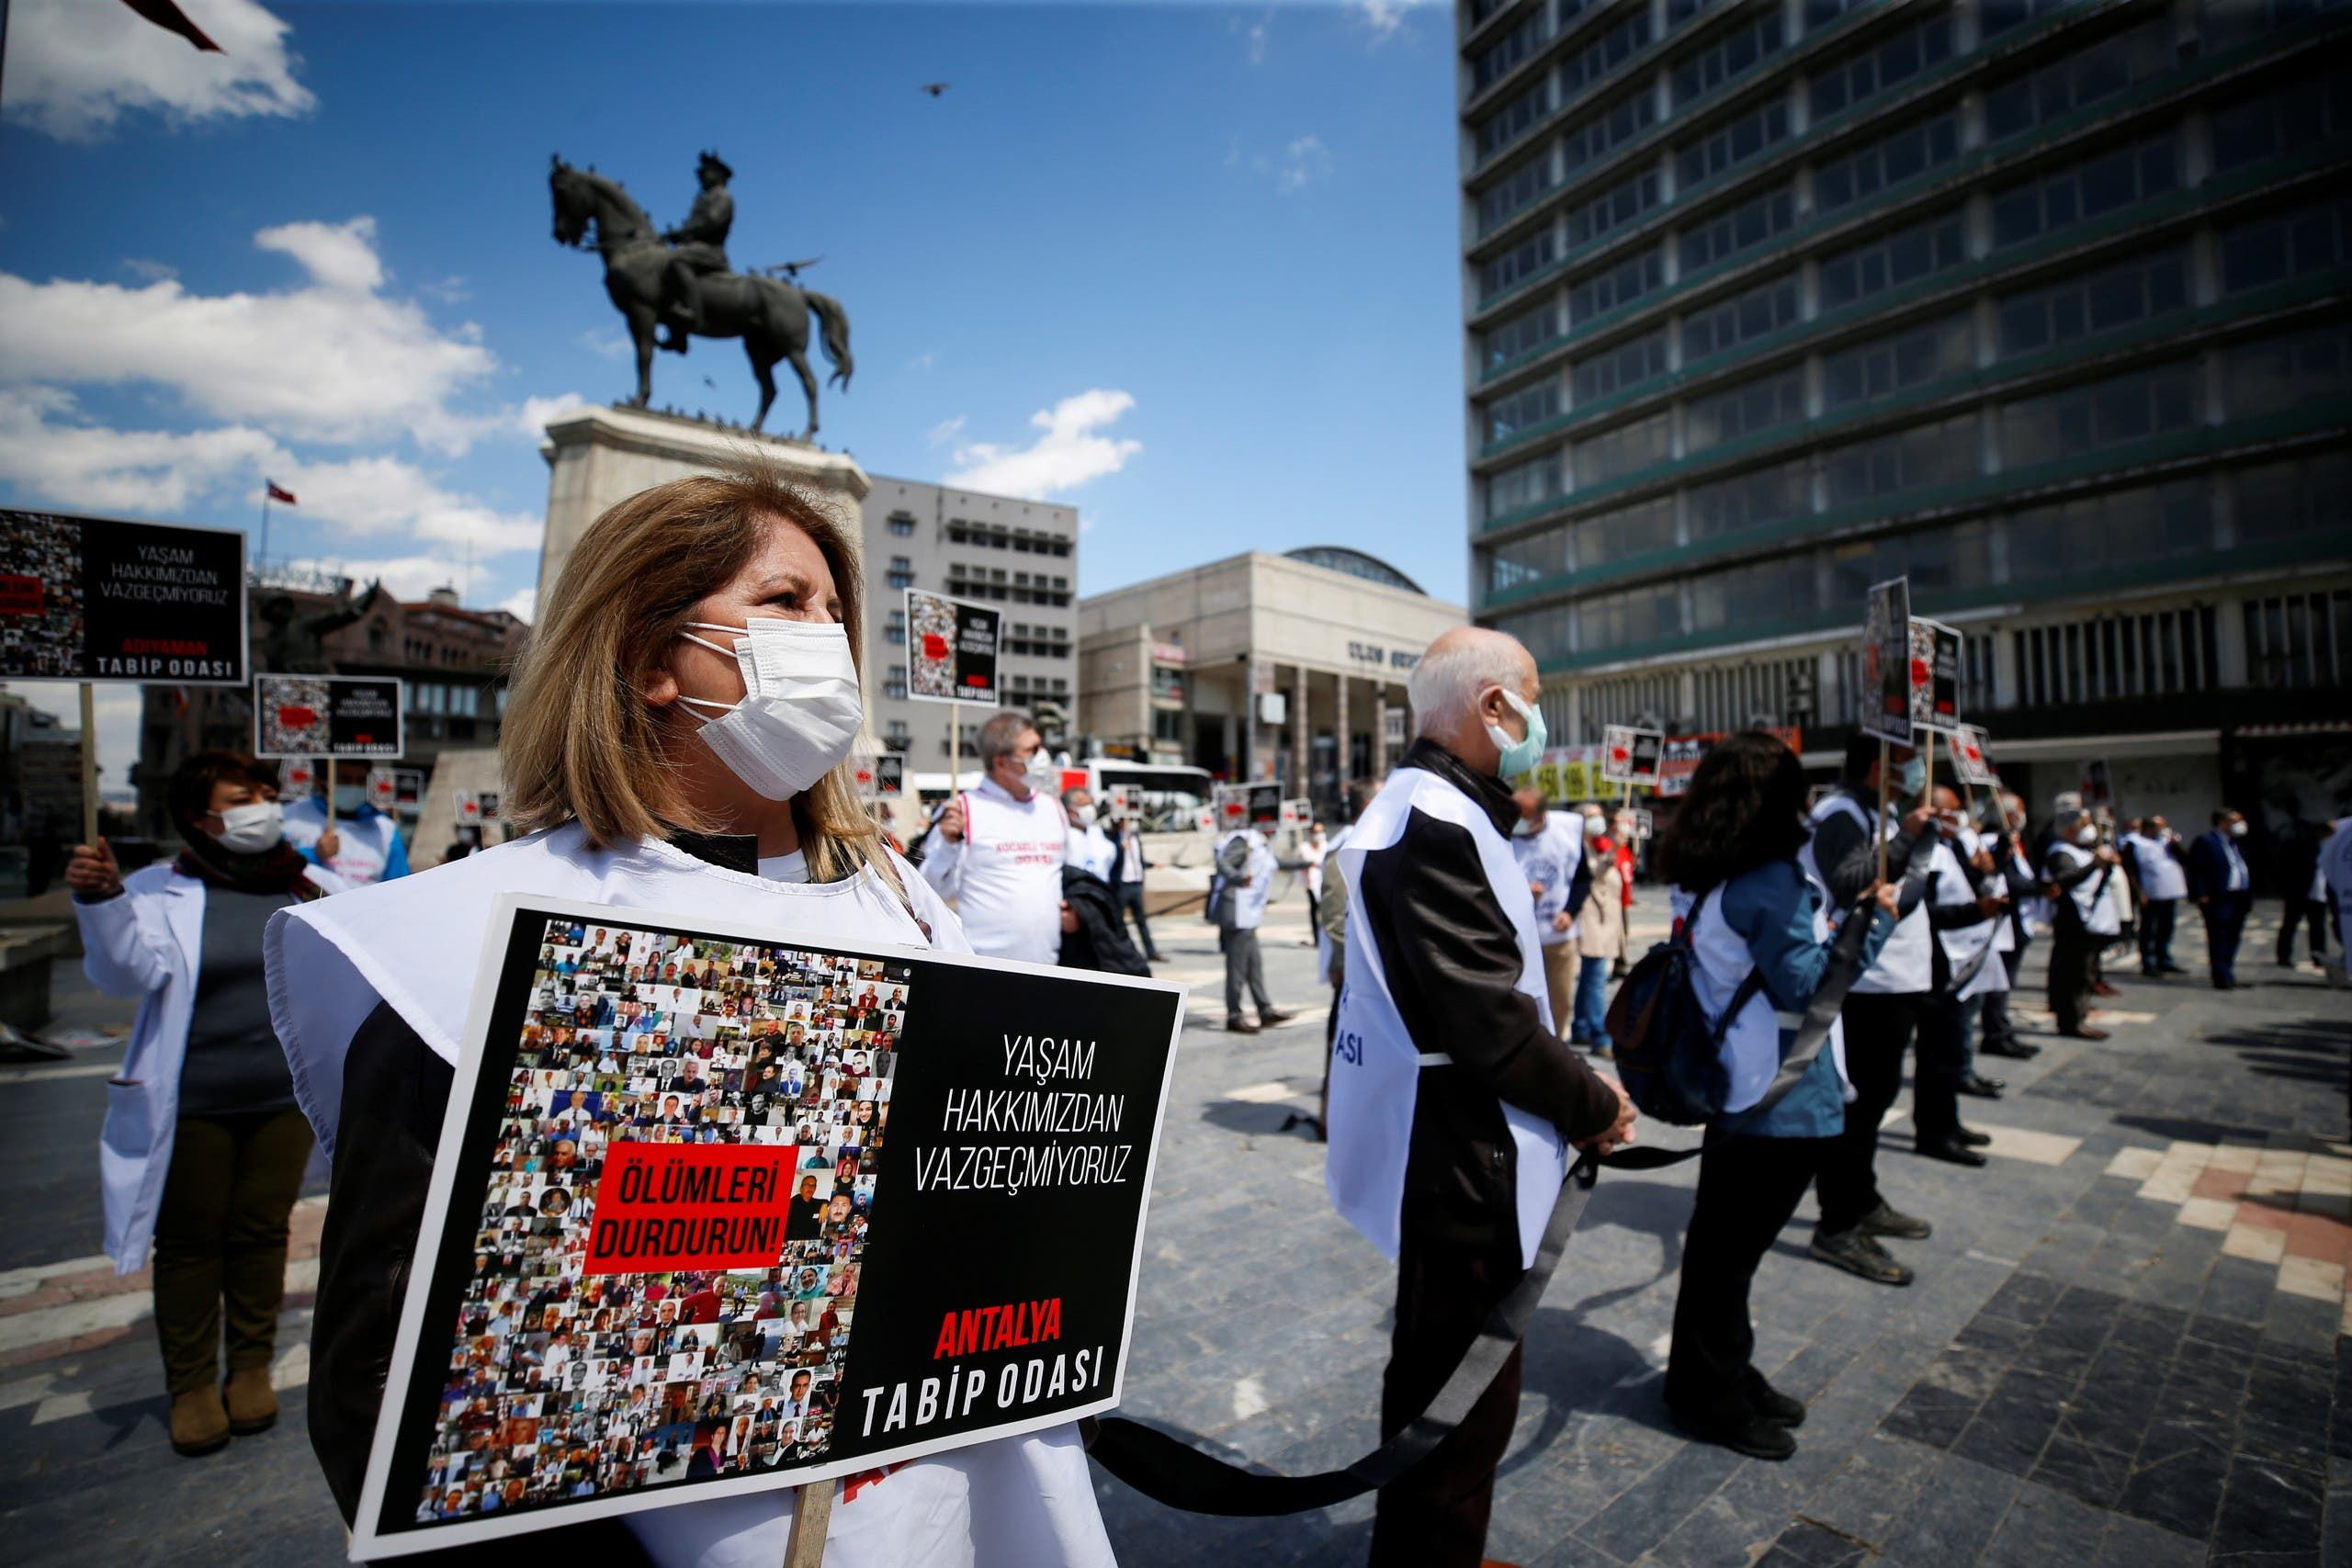 عمال صحيون يتظاهرون في أنقرة ضد إجراءات الحكومة التي تسببت بارتفاع حالات كورونا